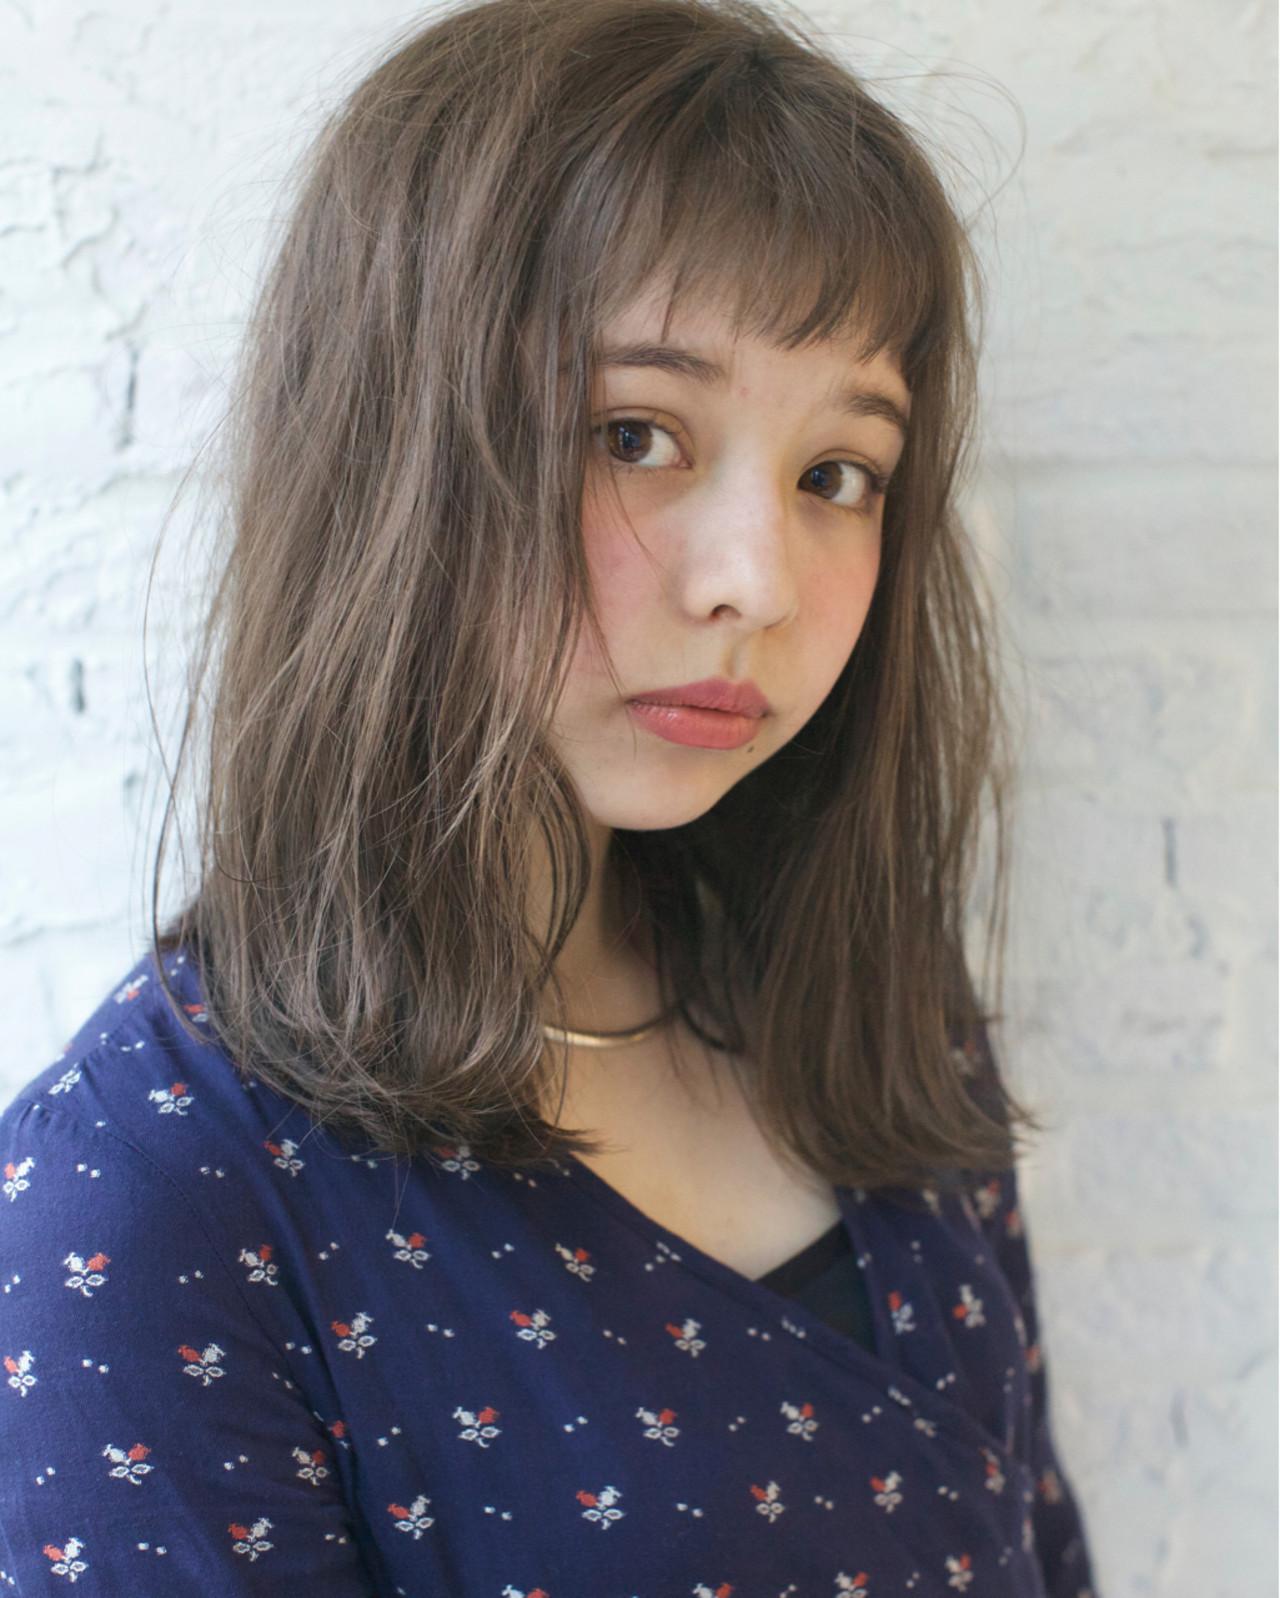 ミディアム ゆるふわ ハイライト ナチュラル ヘアスタイルや髪型の写真・画像